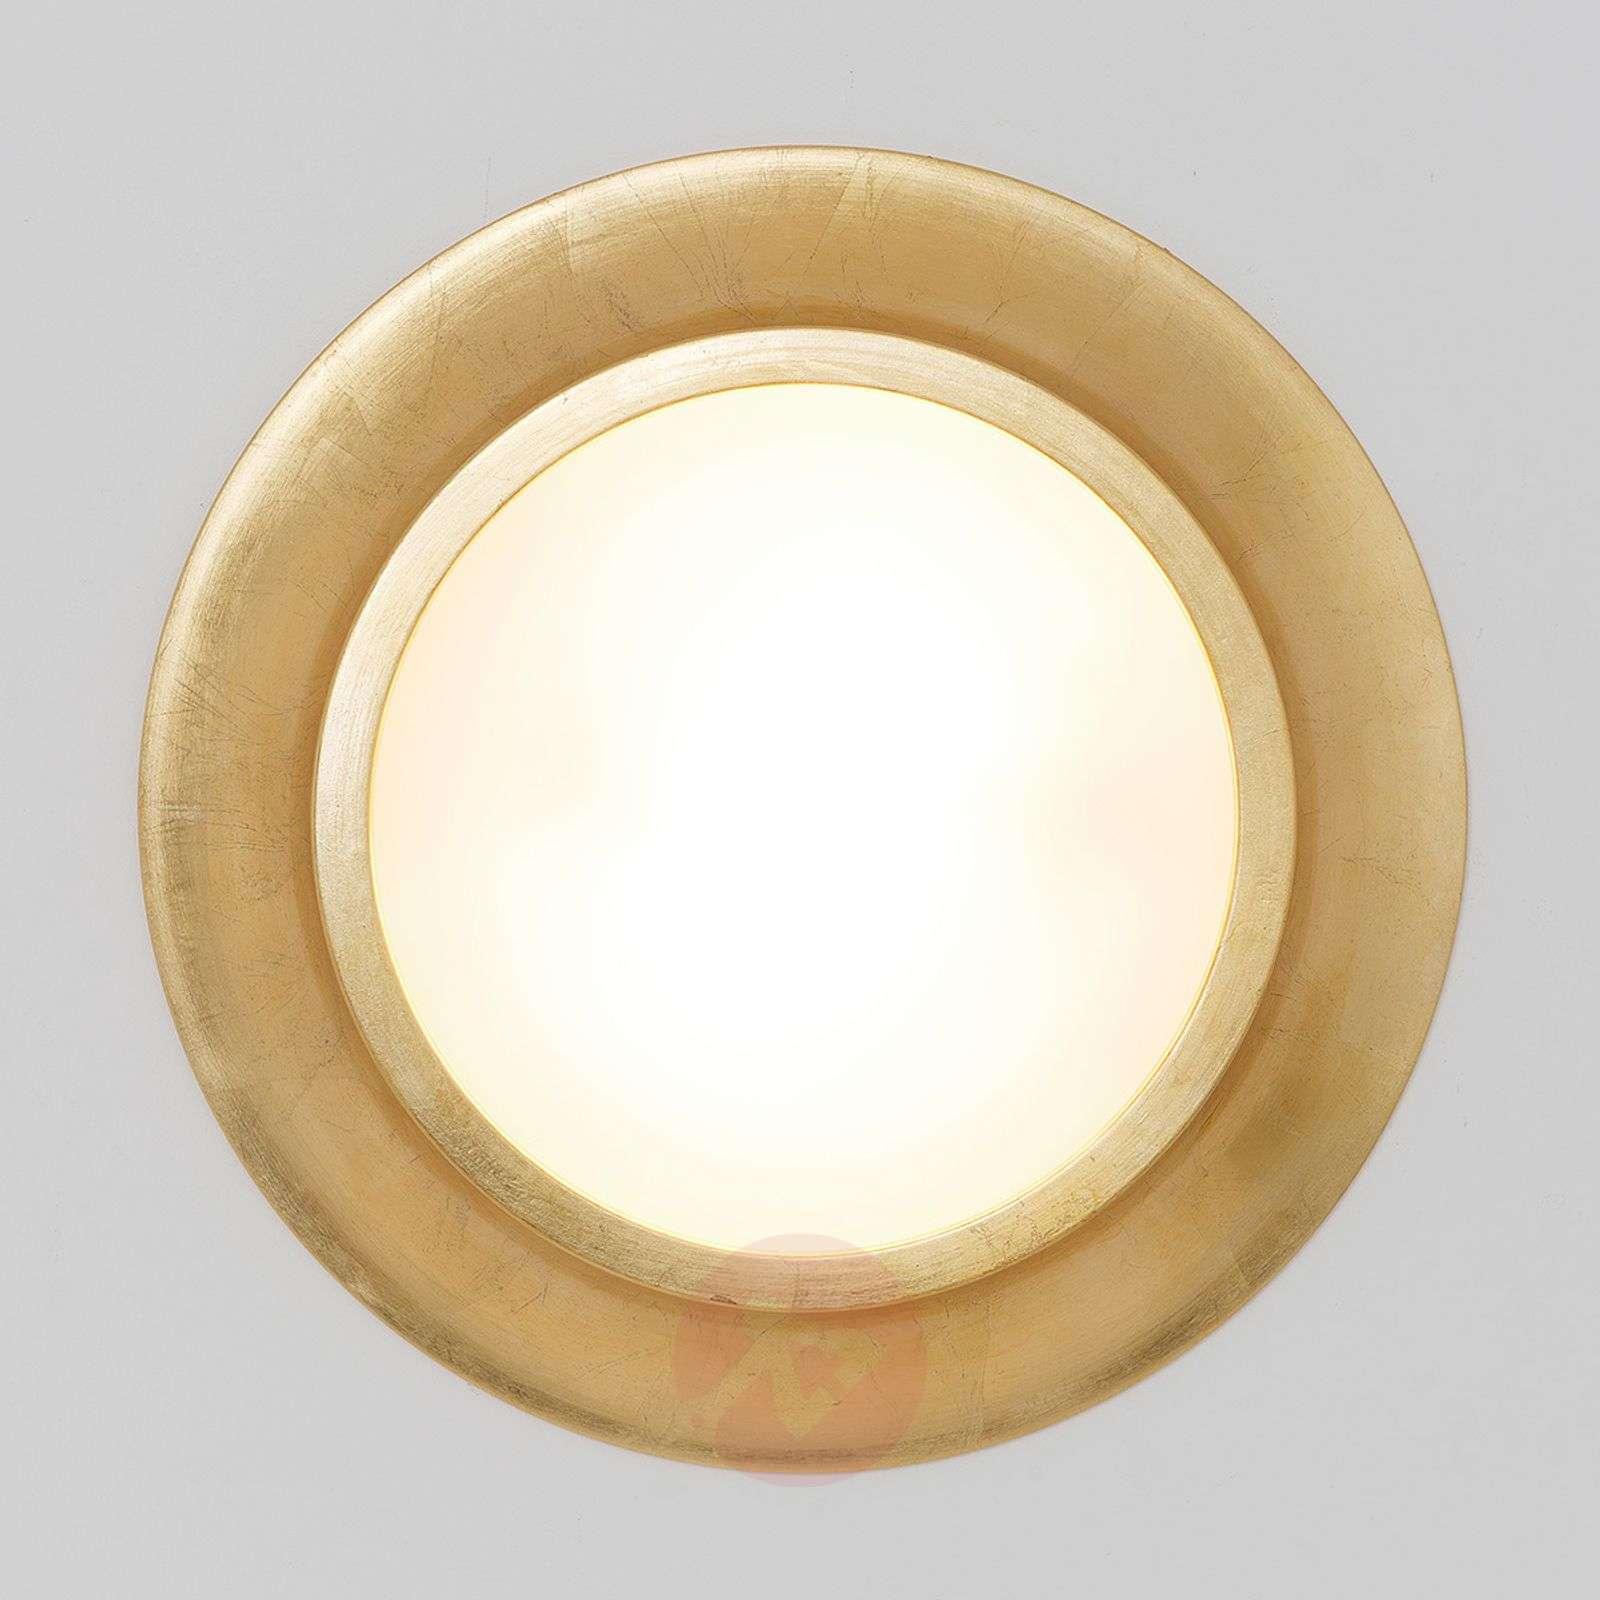 Kultainen keramiikka kattovalaisin Spettacolo-4512512-01